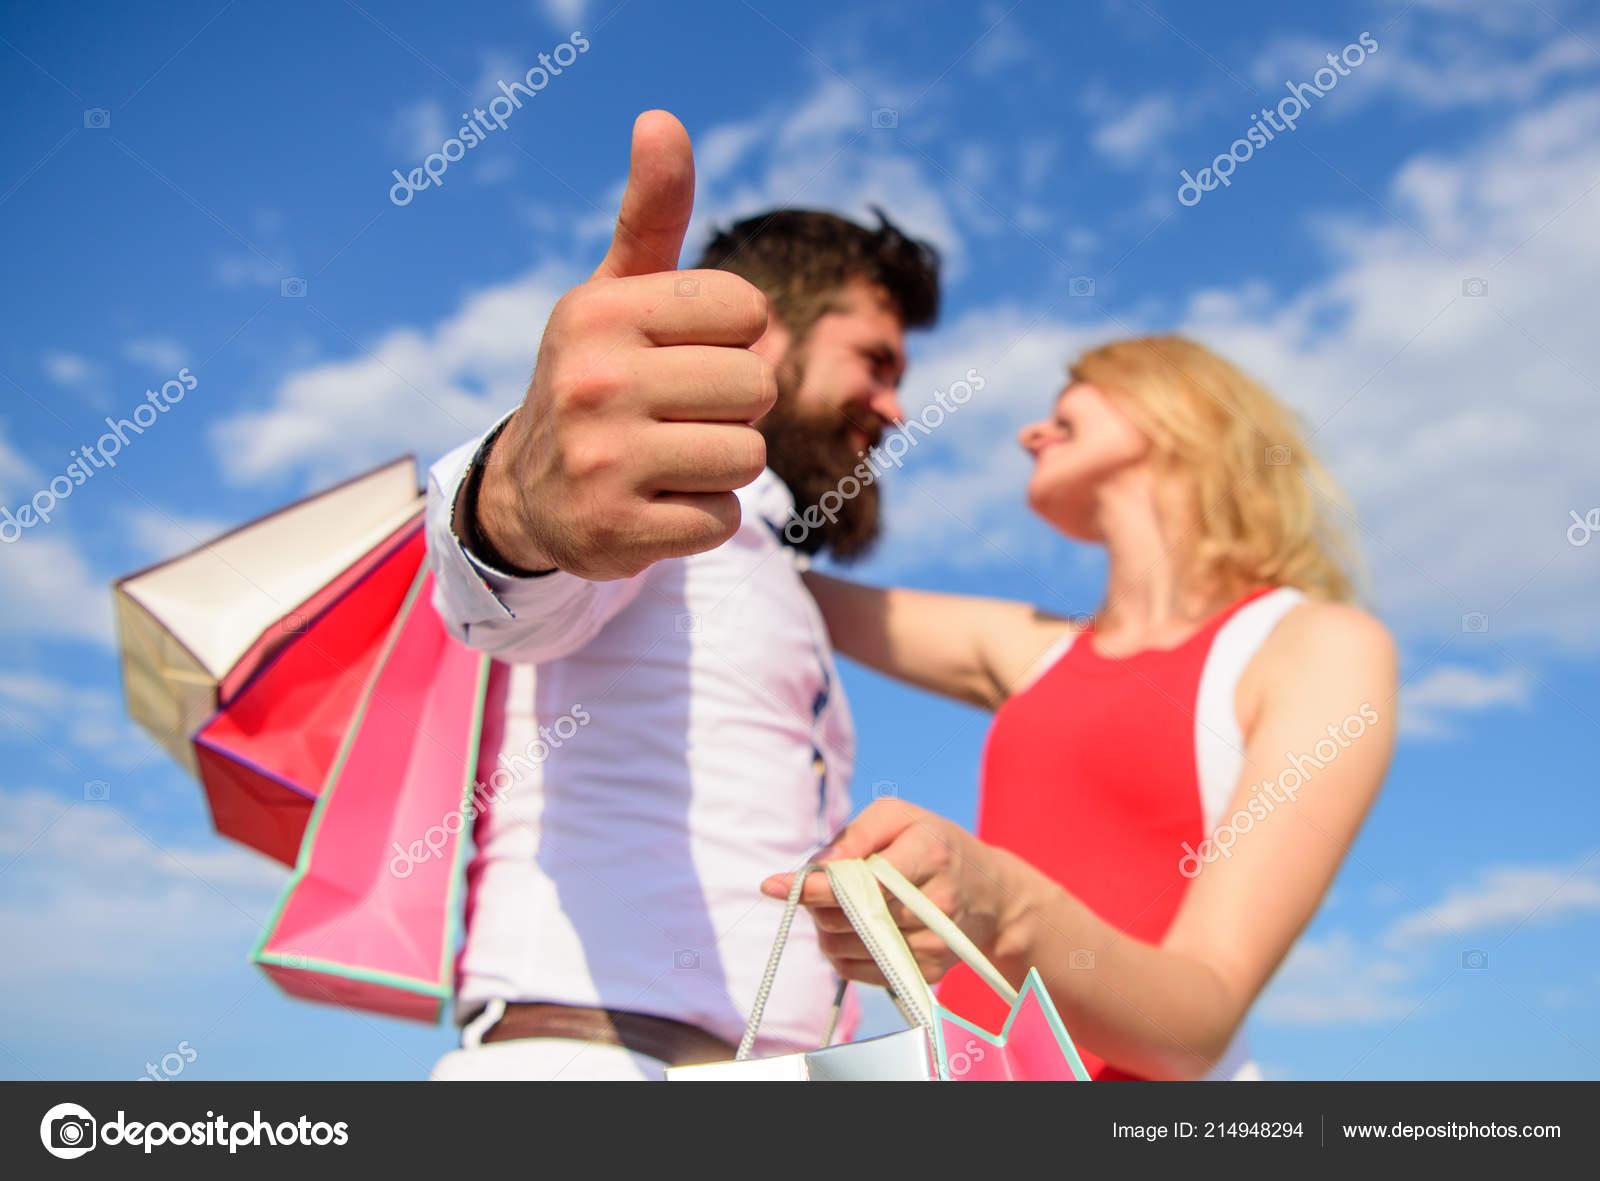 Sfondo blu cielo coccola coppia con borse della spesa. L'uomo con la barba Mostra il pollice sul gesto. Coppia in amore consiglia estate dello shopping. Moglie felice soddisfatta gli acquisti. Lui sa come farla felice — Foto Stock